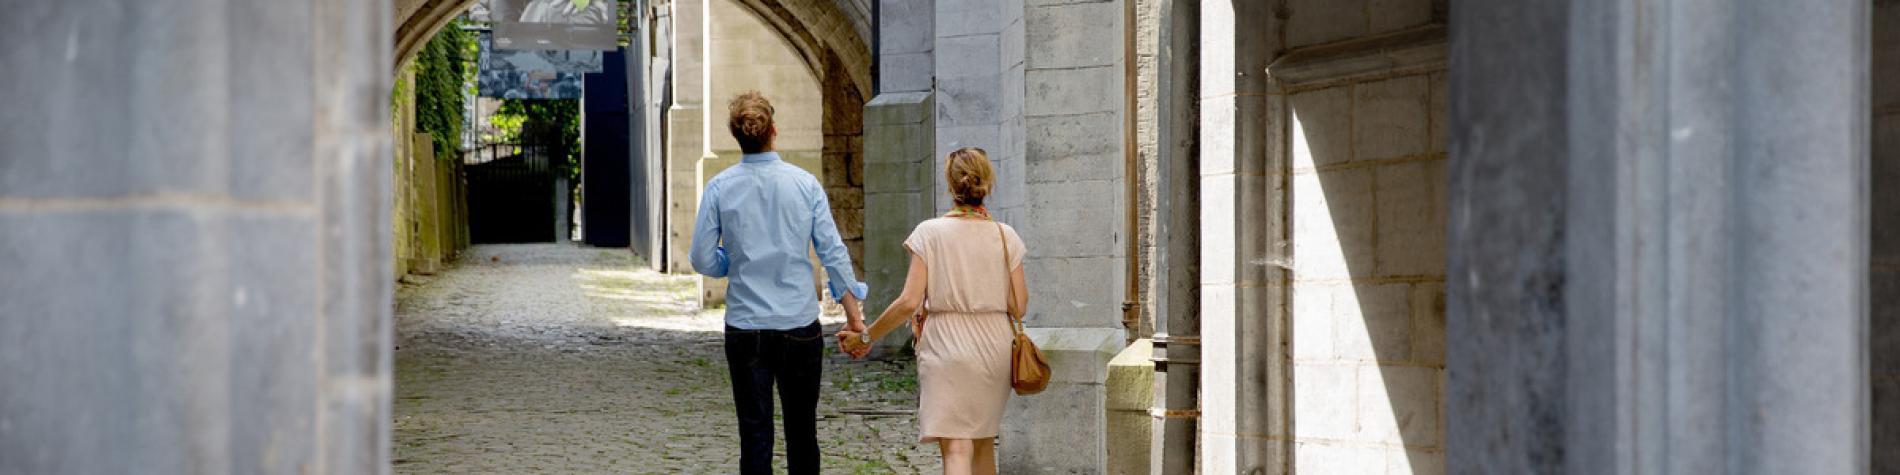 Couple en balade autour de la Collégiale Notre-Dame de Huy